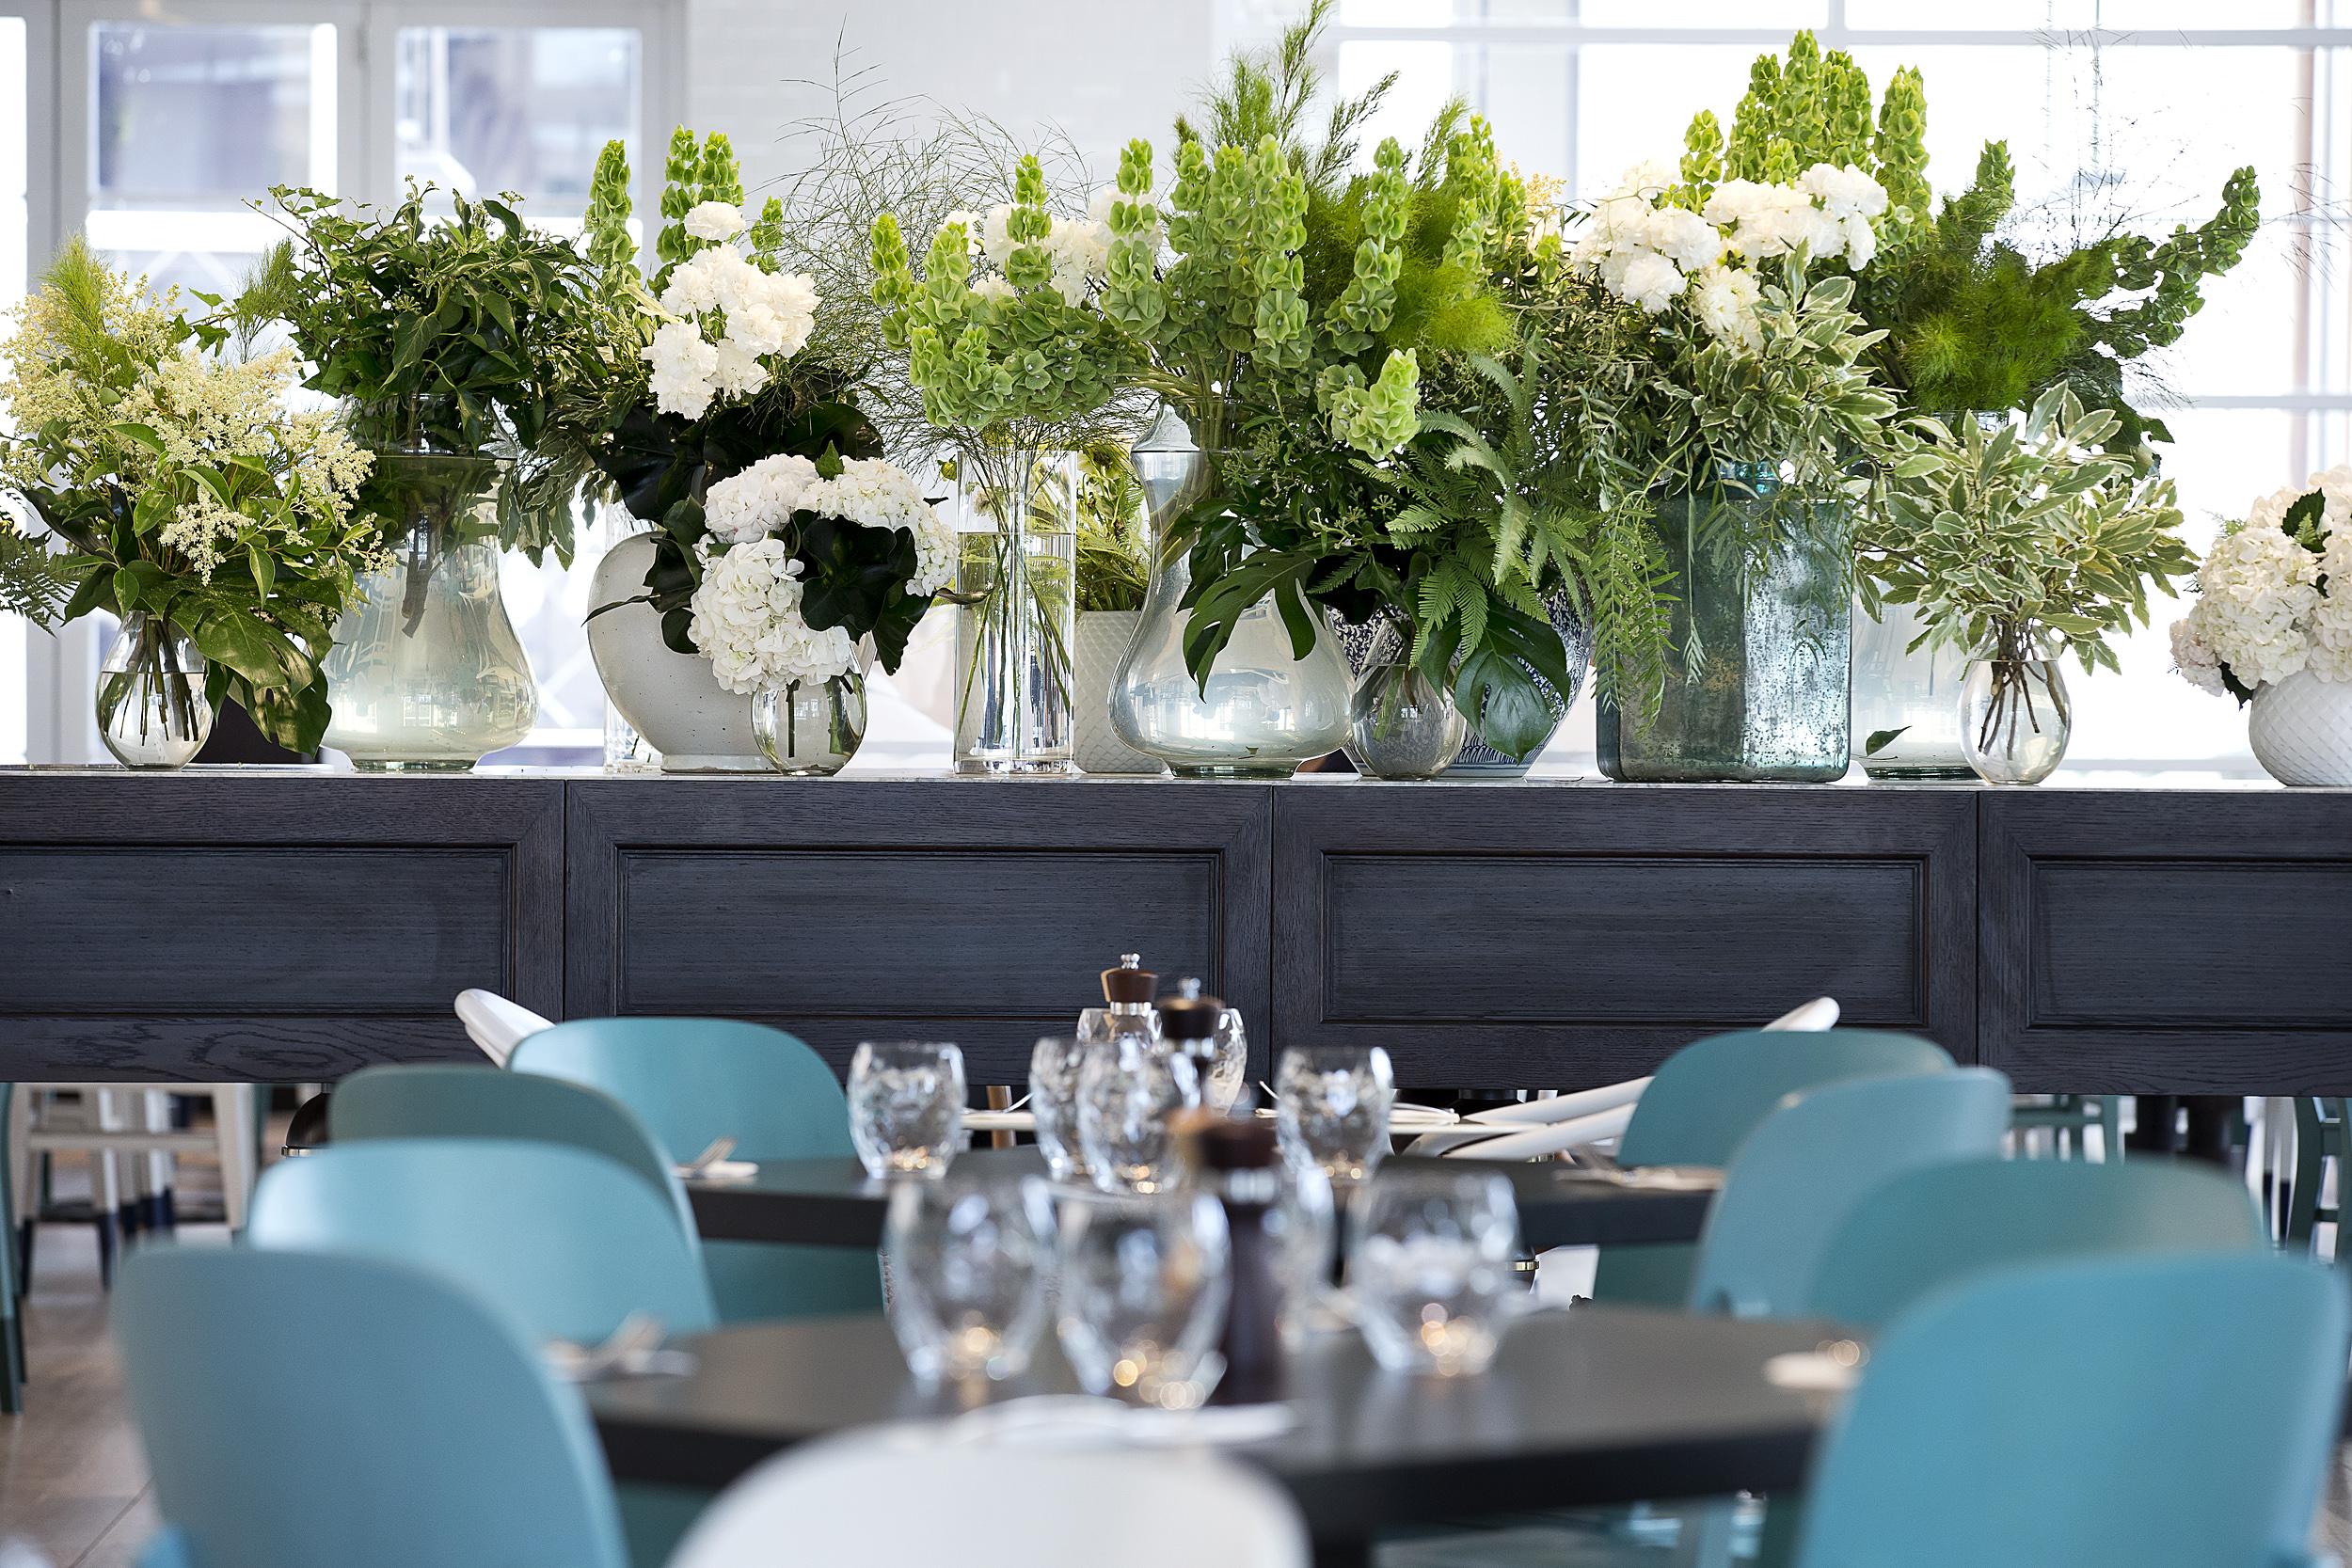 Garden Kitchen Garden Kitchen Bar Modern Dining Broadbeach 4218 The Star Gold